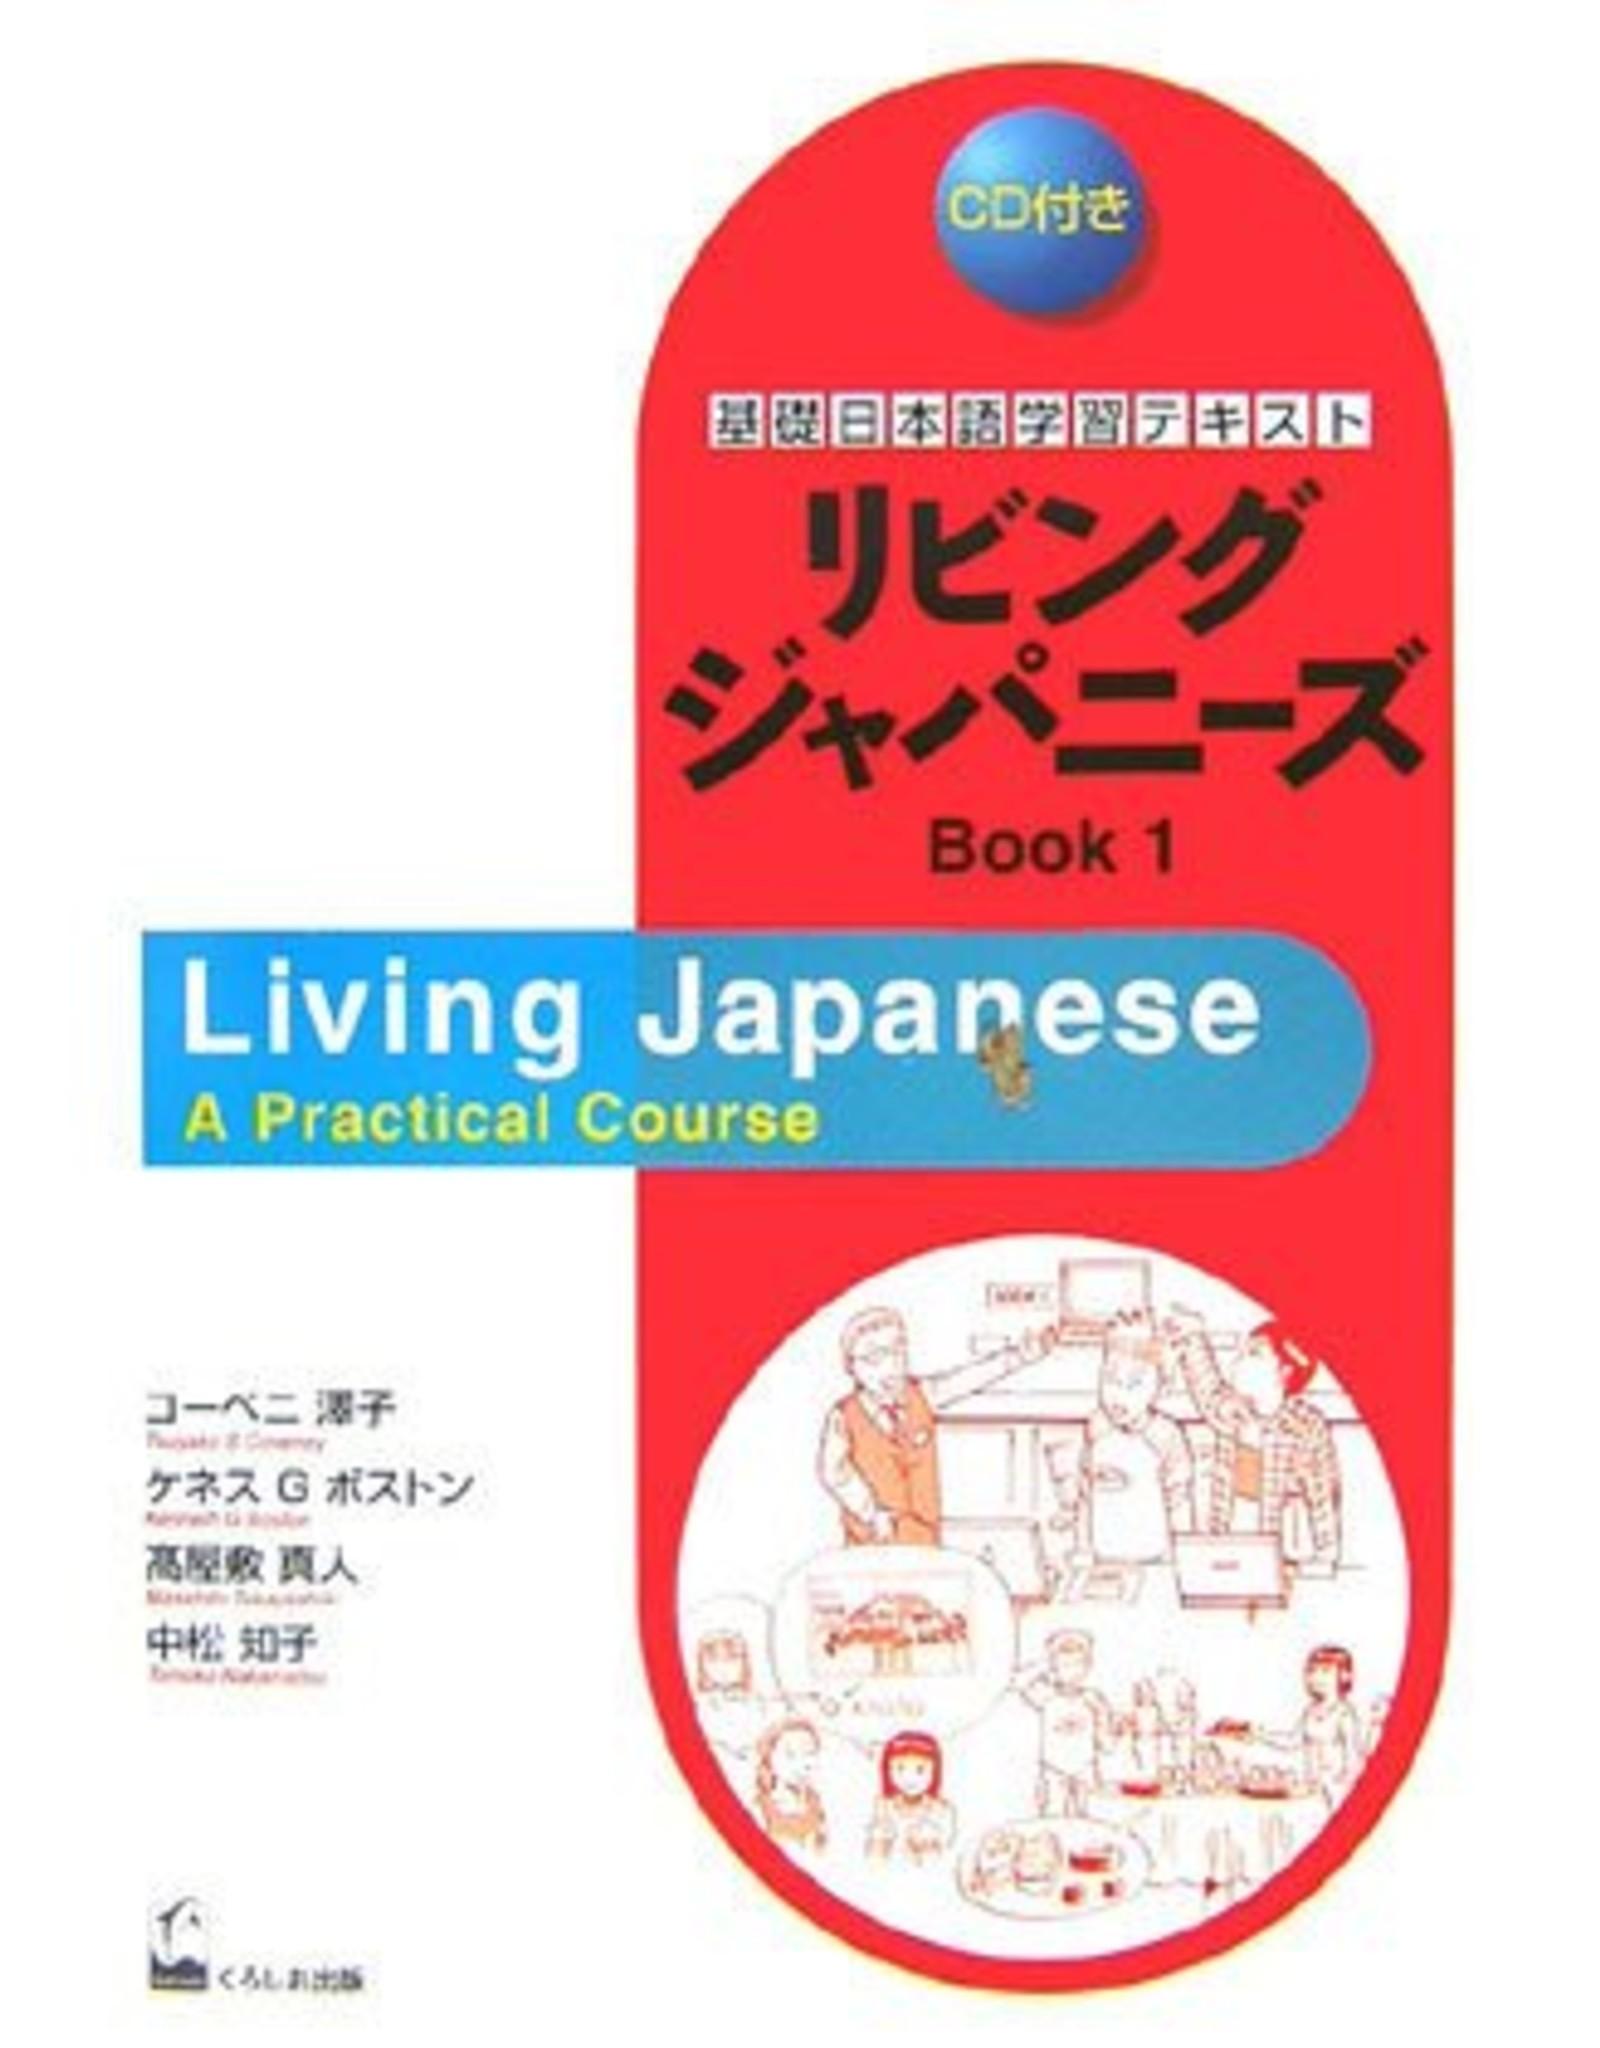 KUROSHIO LIVING JAPANESE BOOK 1